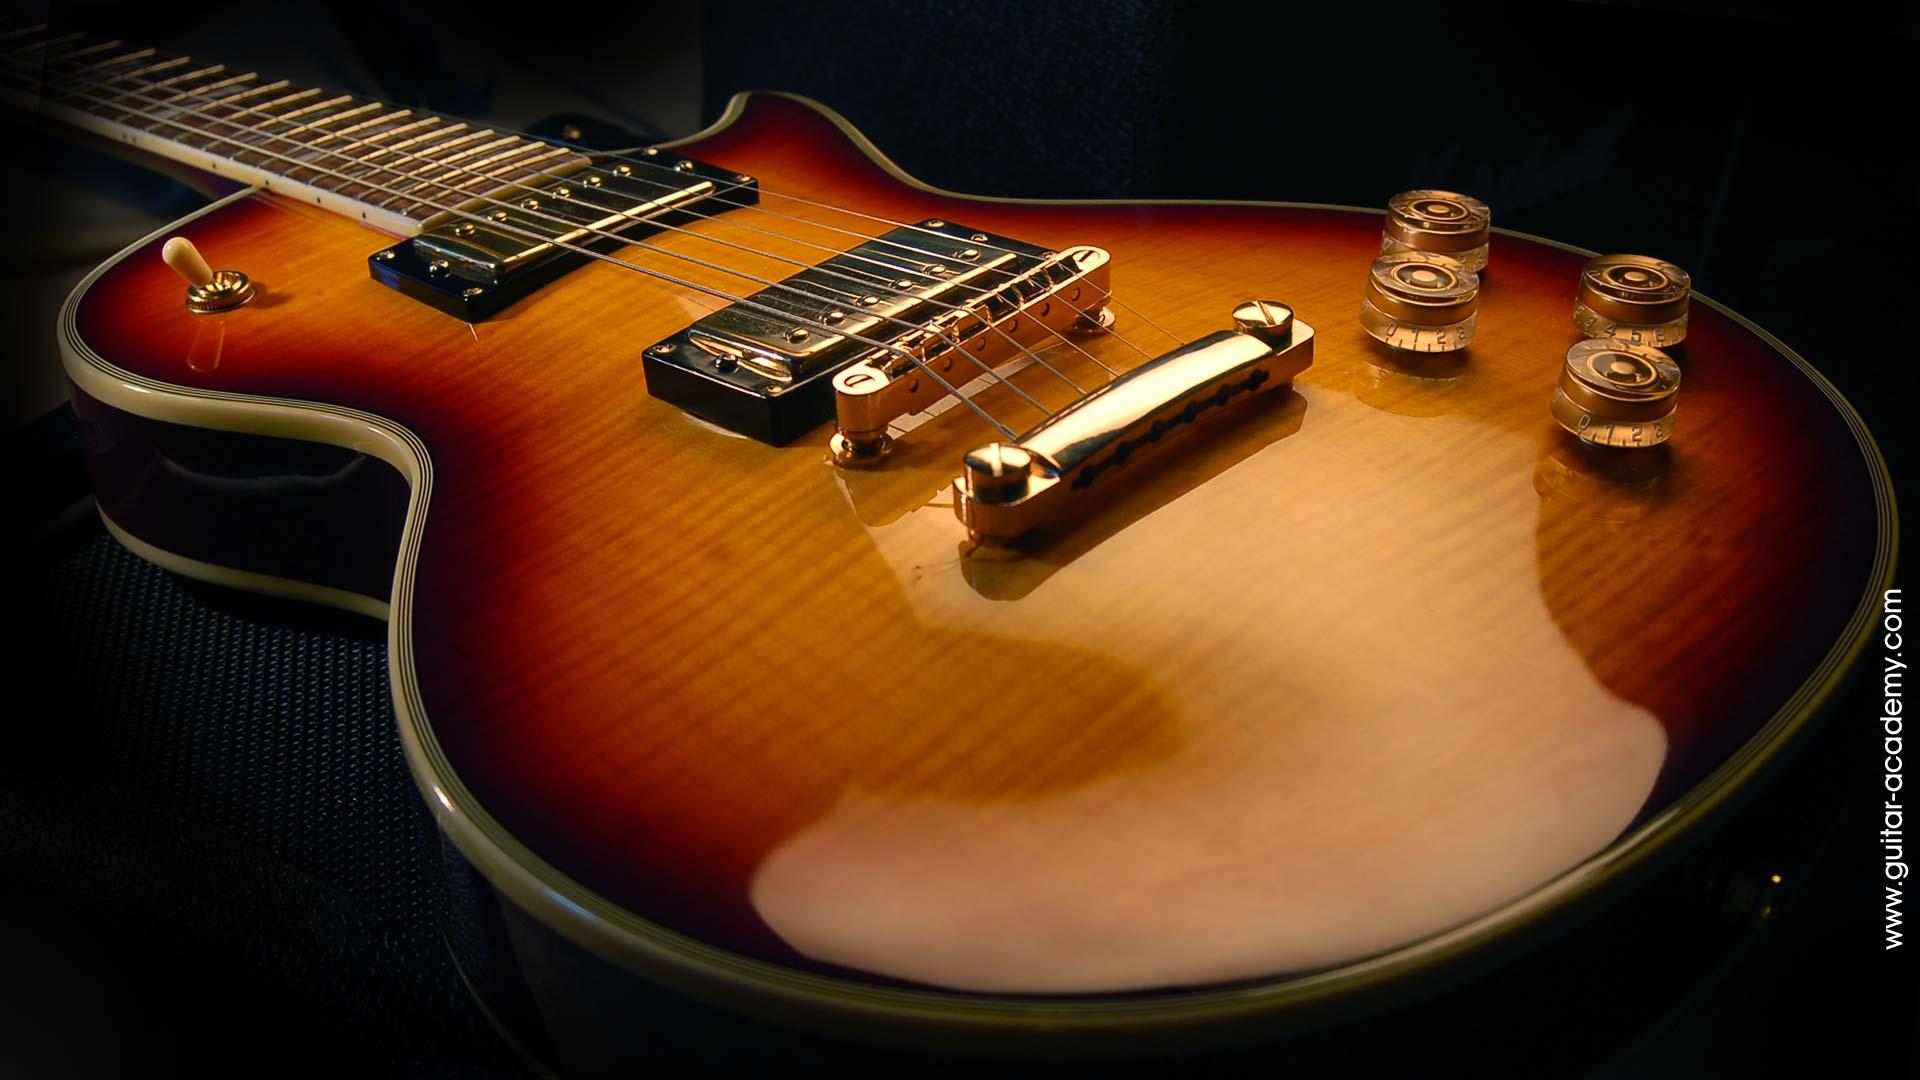 gibson guitar wallpaper hd wallpapersafari